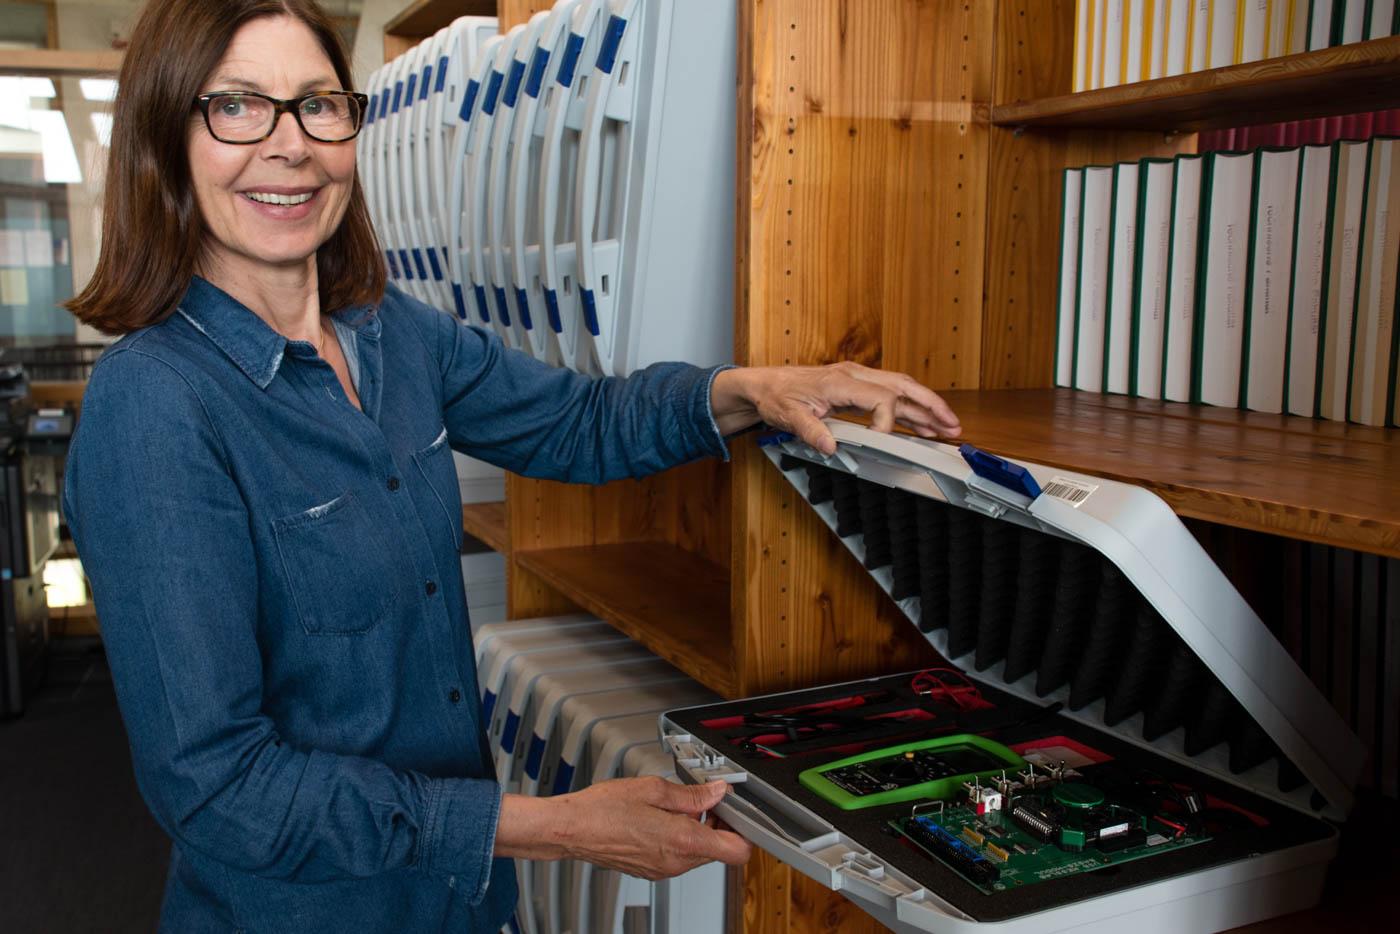 Frau Hauser öffnet einen Praktikumskoffer